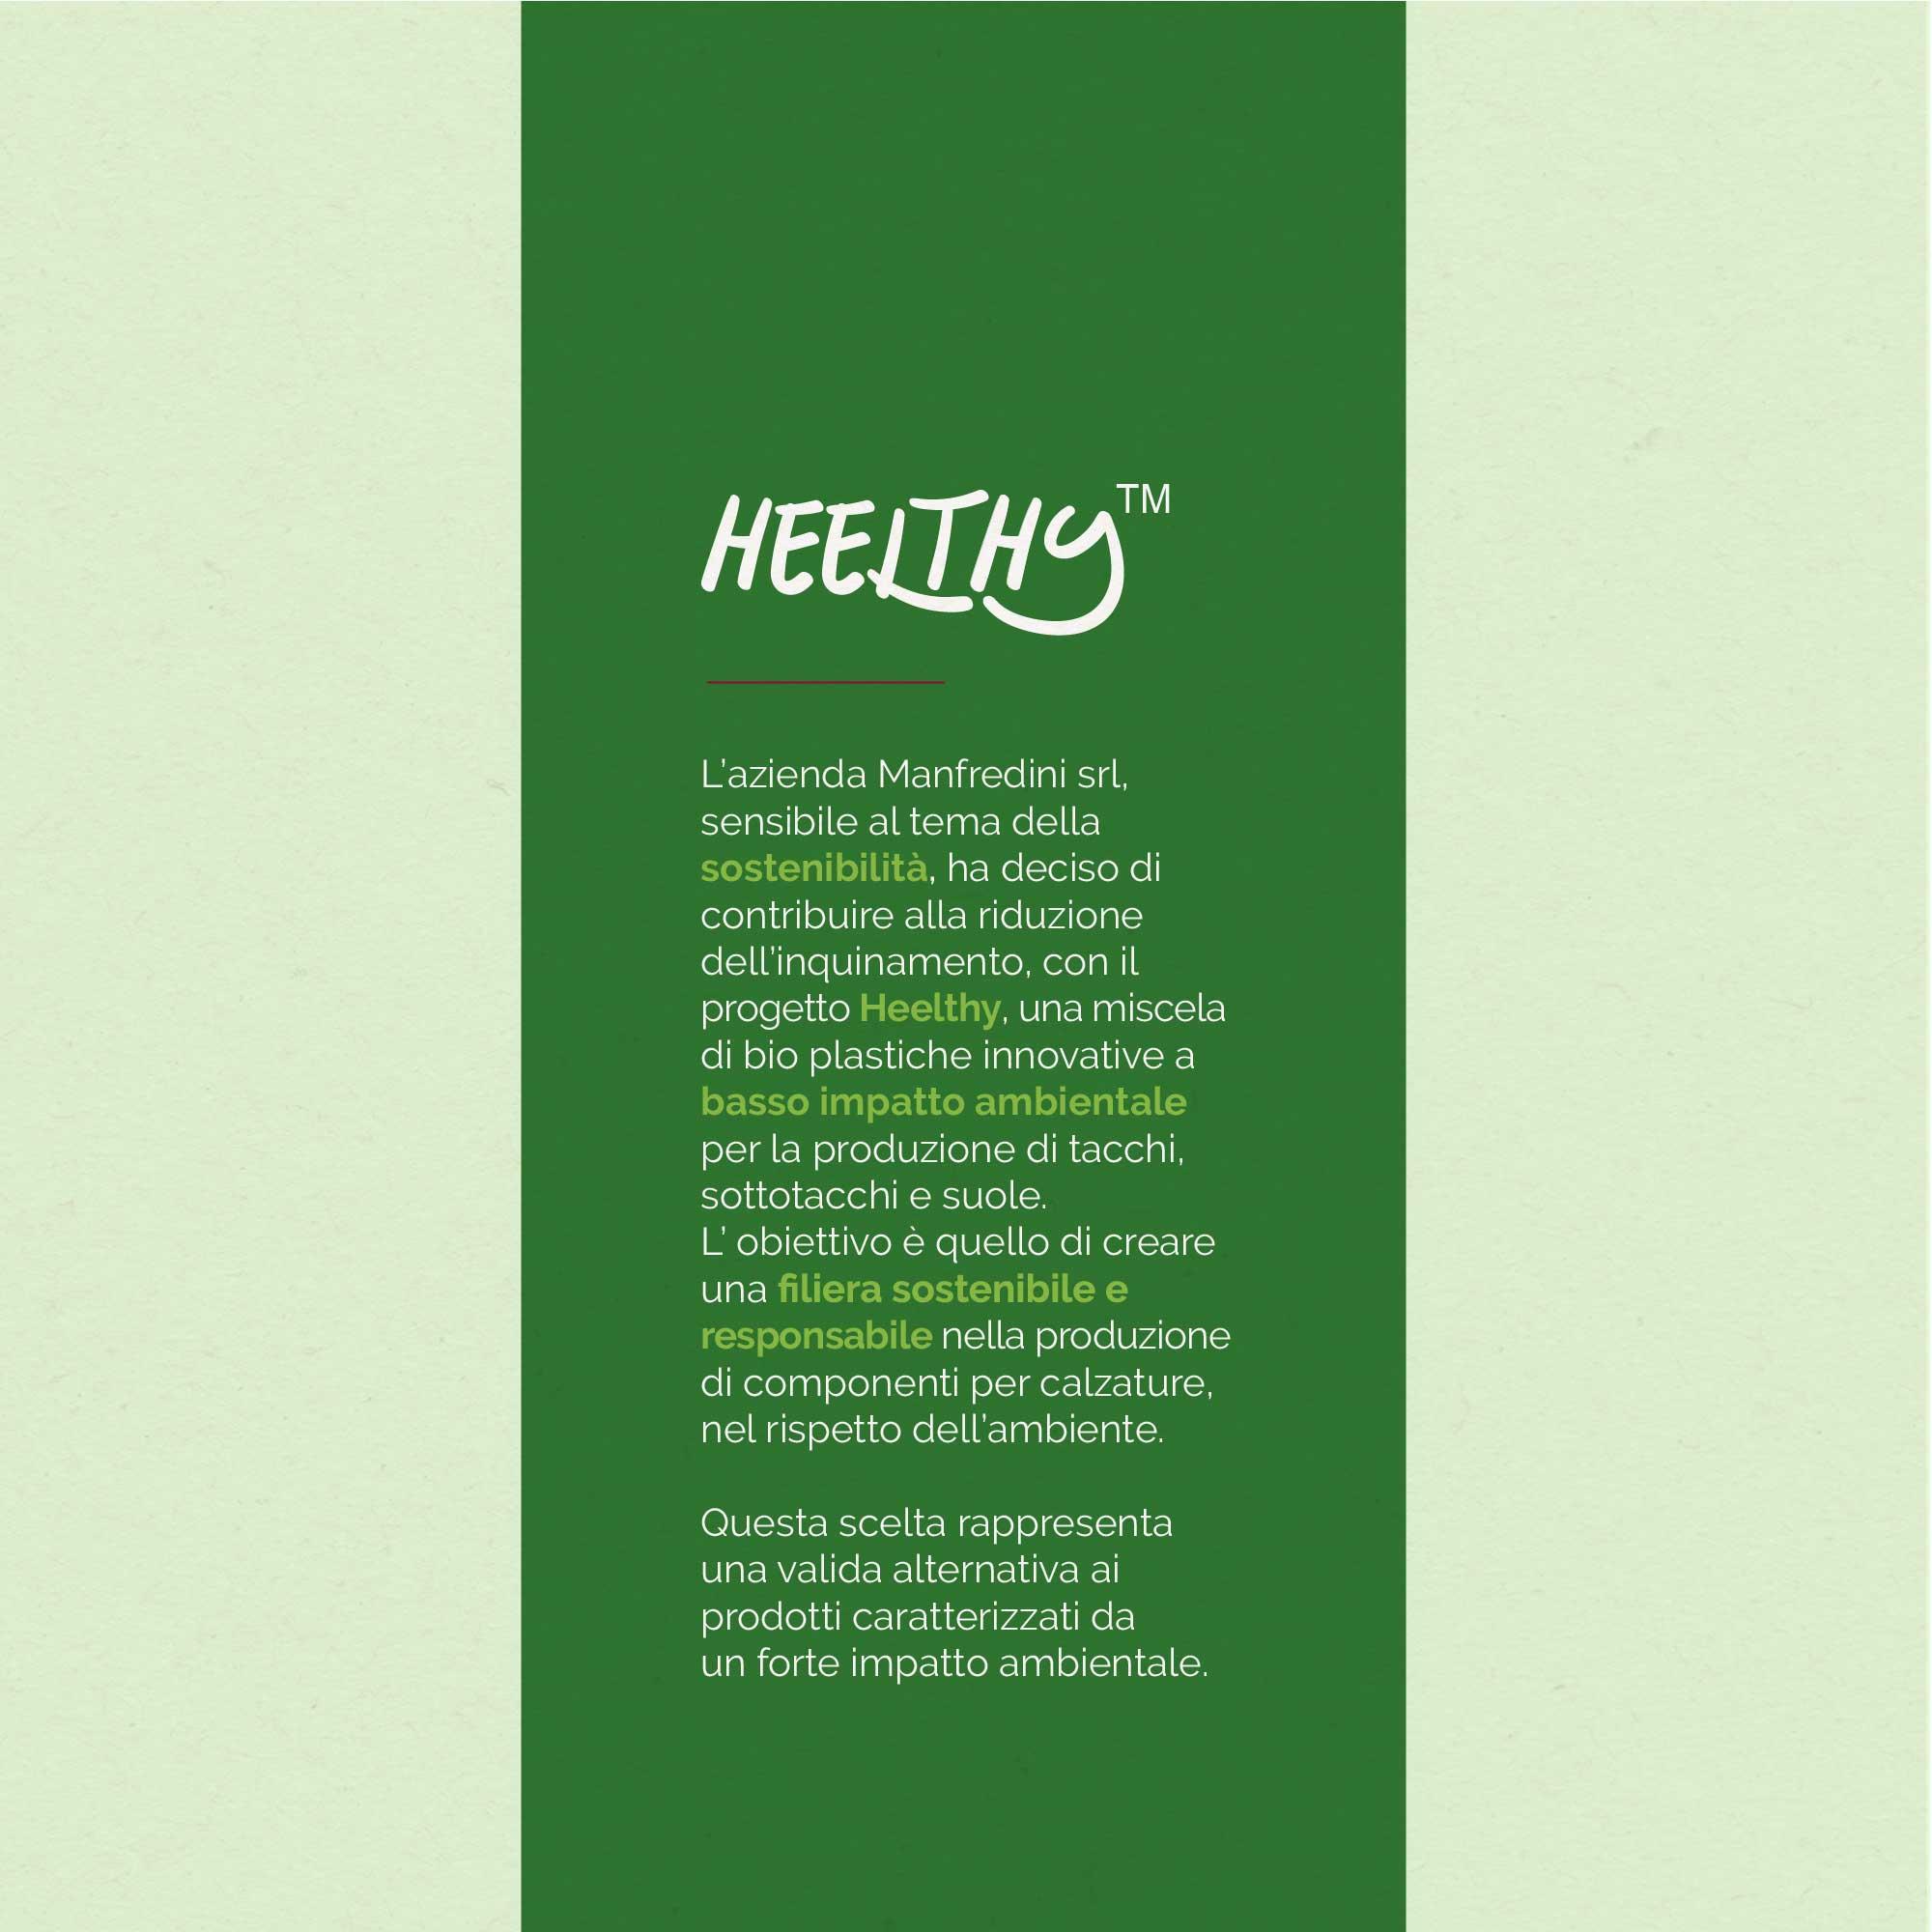 heelthy-web-04-01